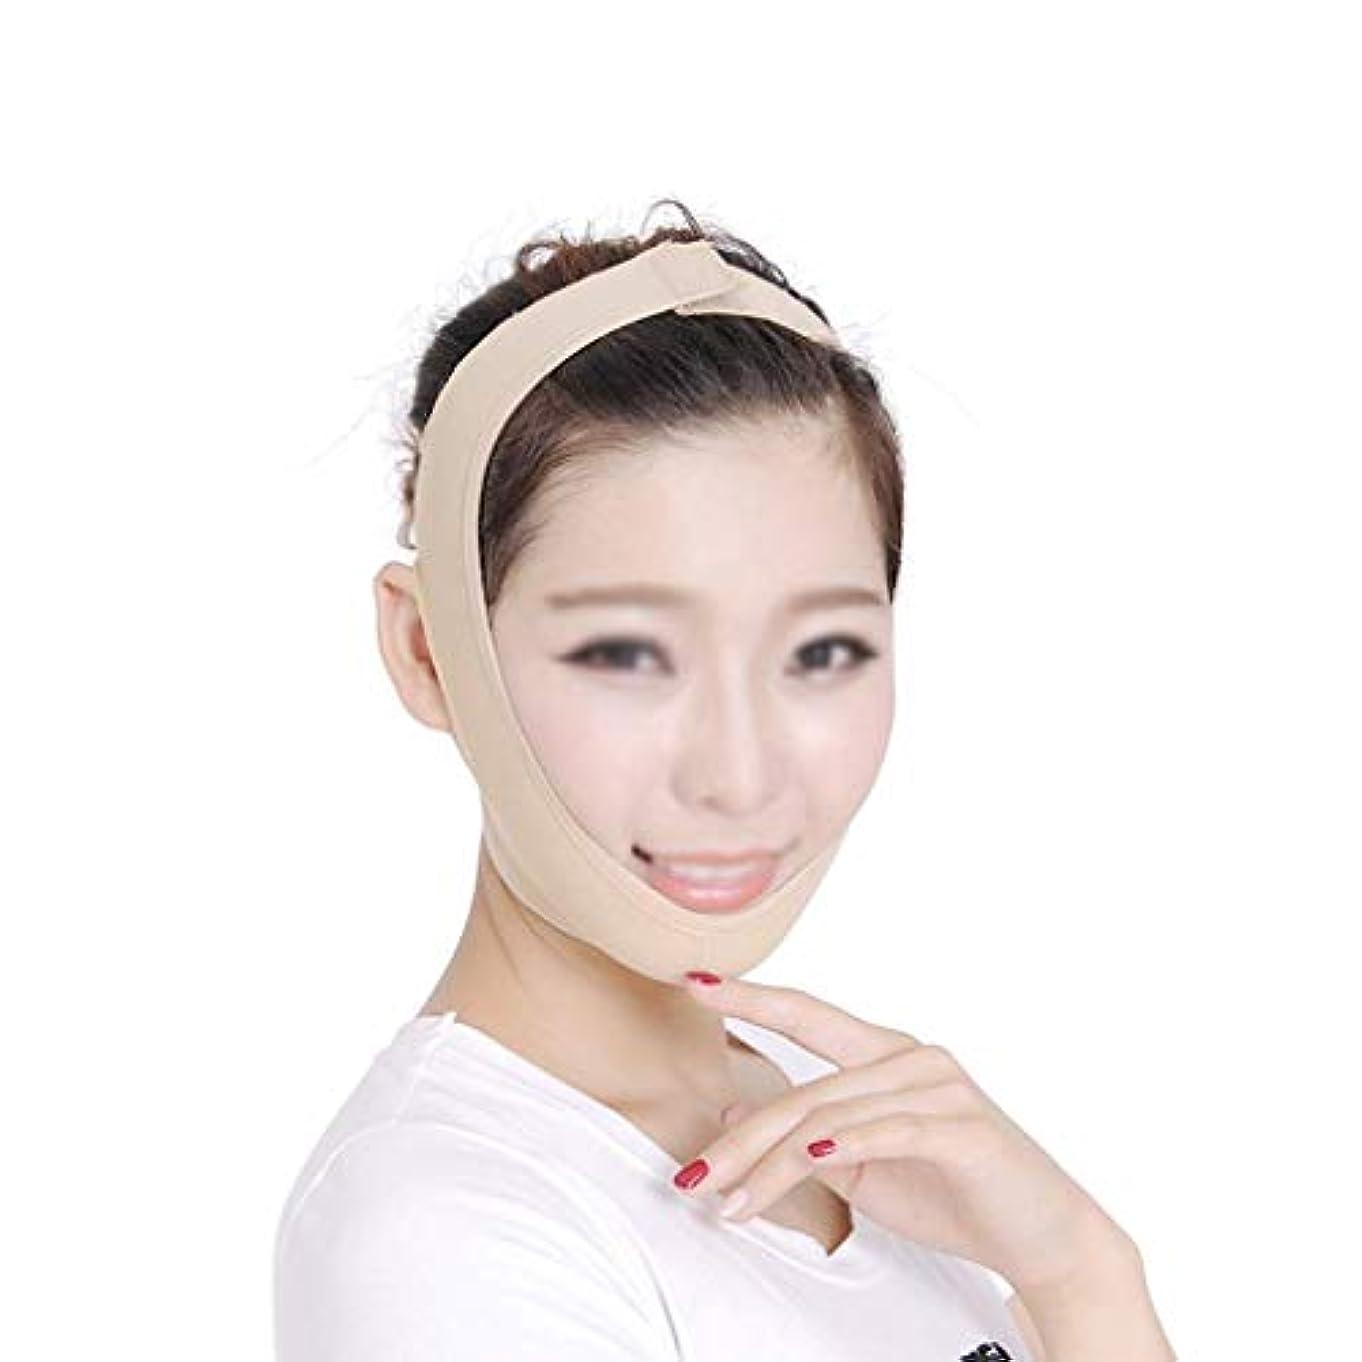 和解するハイランドリズムフェイシャル減量マスクリフティングフェイス、フェイスマスク、減量包帯を除去するためのダブルチン、フェイシャルリフティング包帯、ダブルチンを減らすためのリフティングベルト(カラー:ブラック、サイズ:M),イエローピンク、L